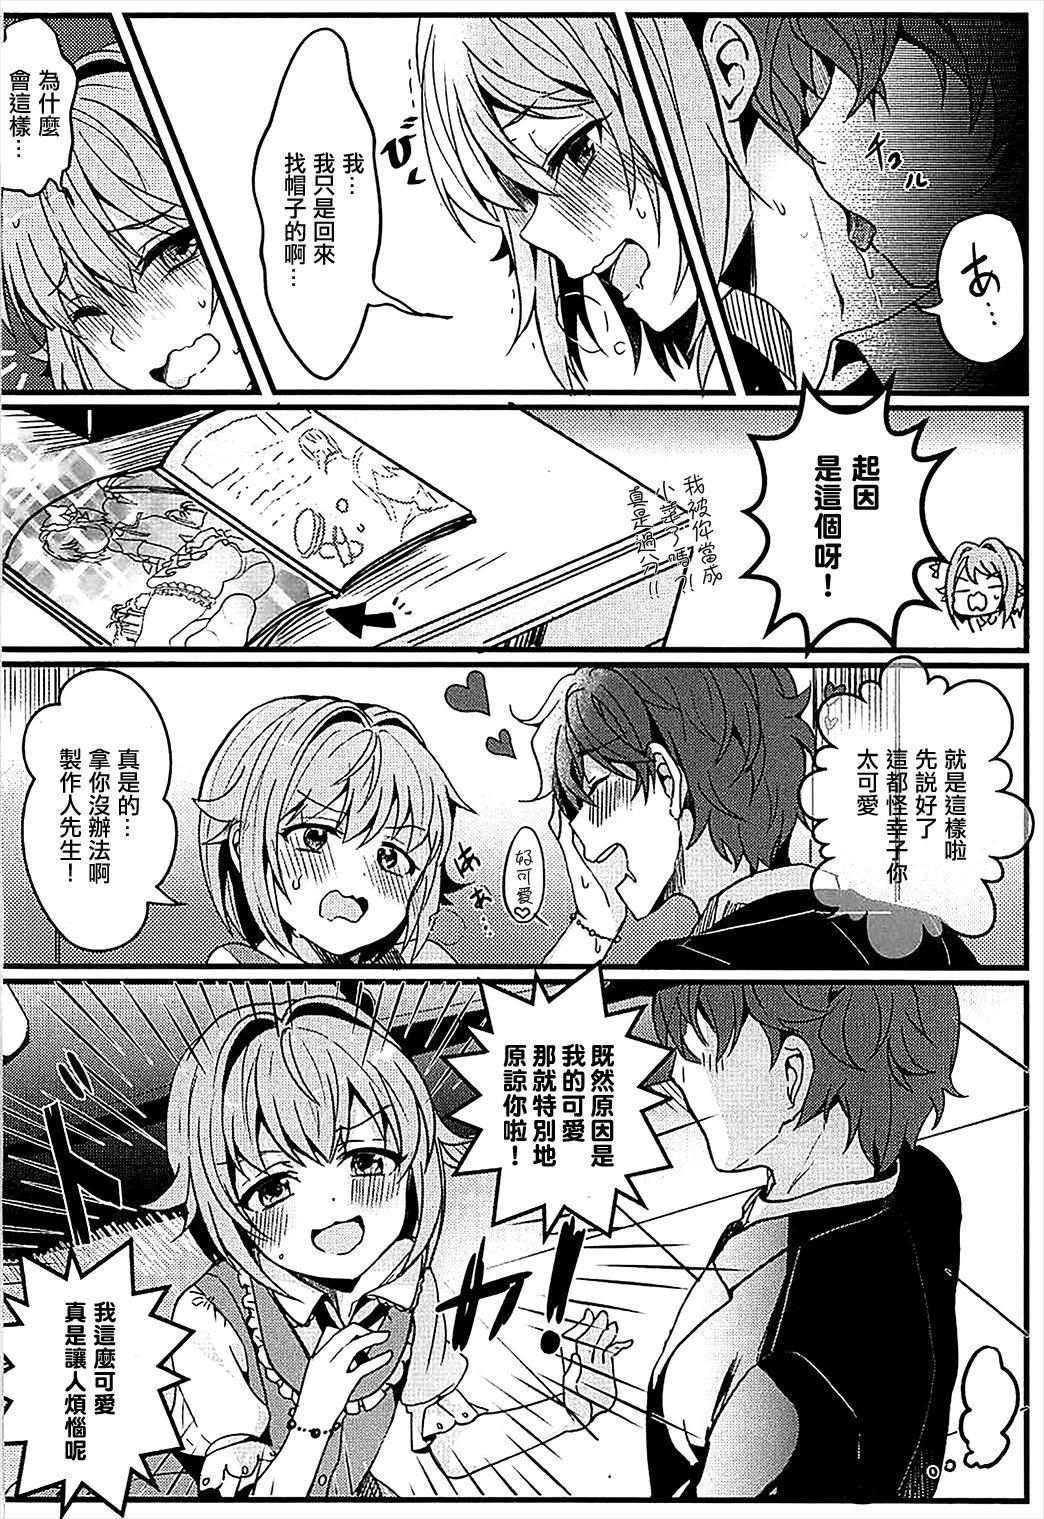 Kawaii Sugiru no ga Warui!! 6